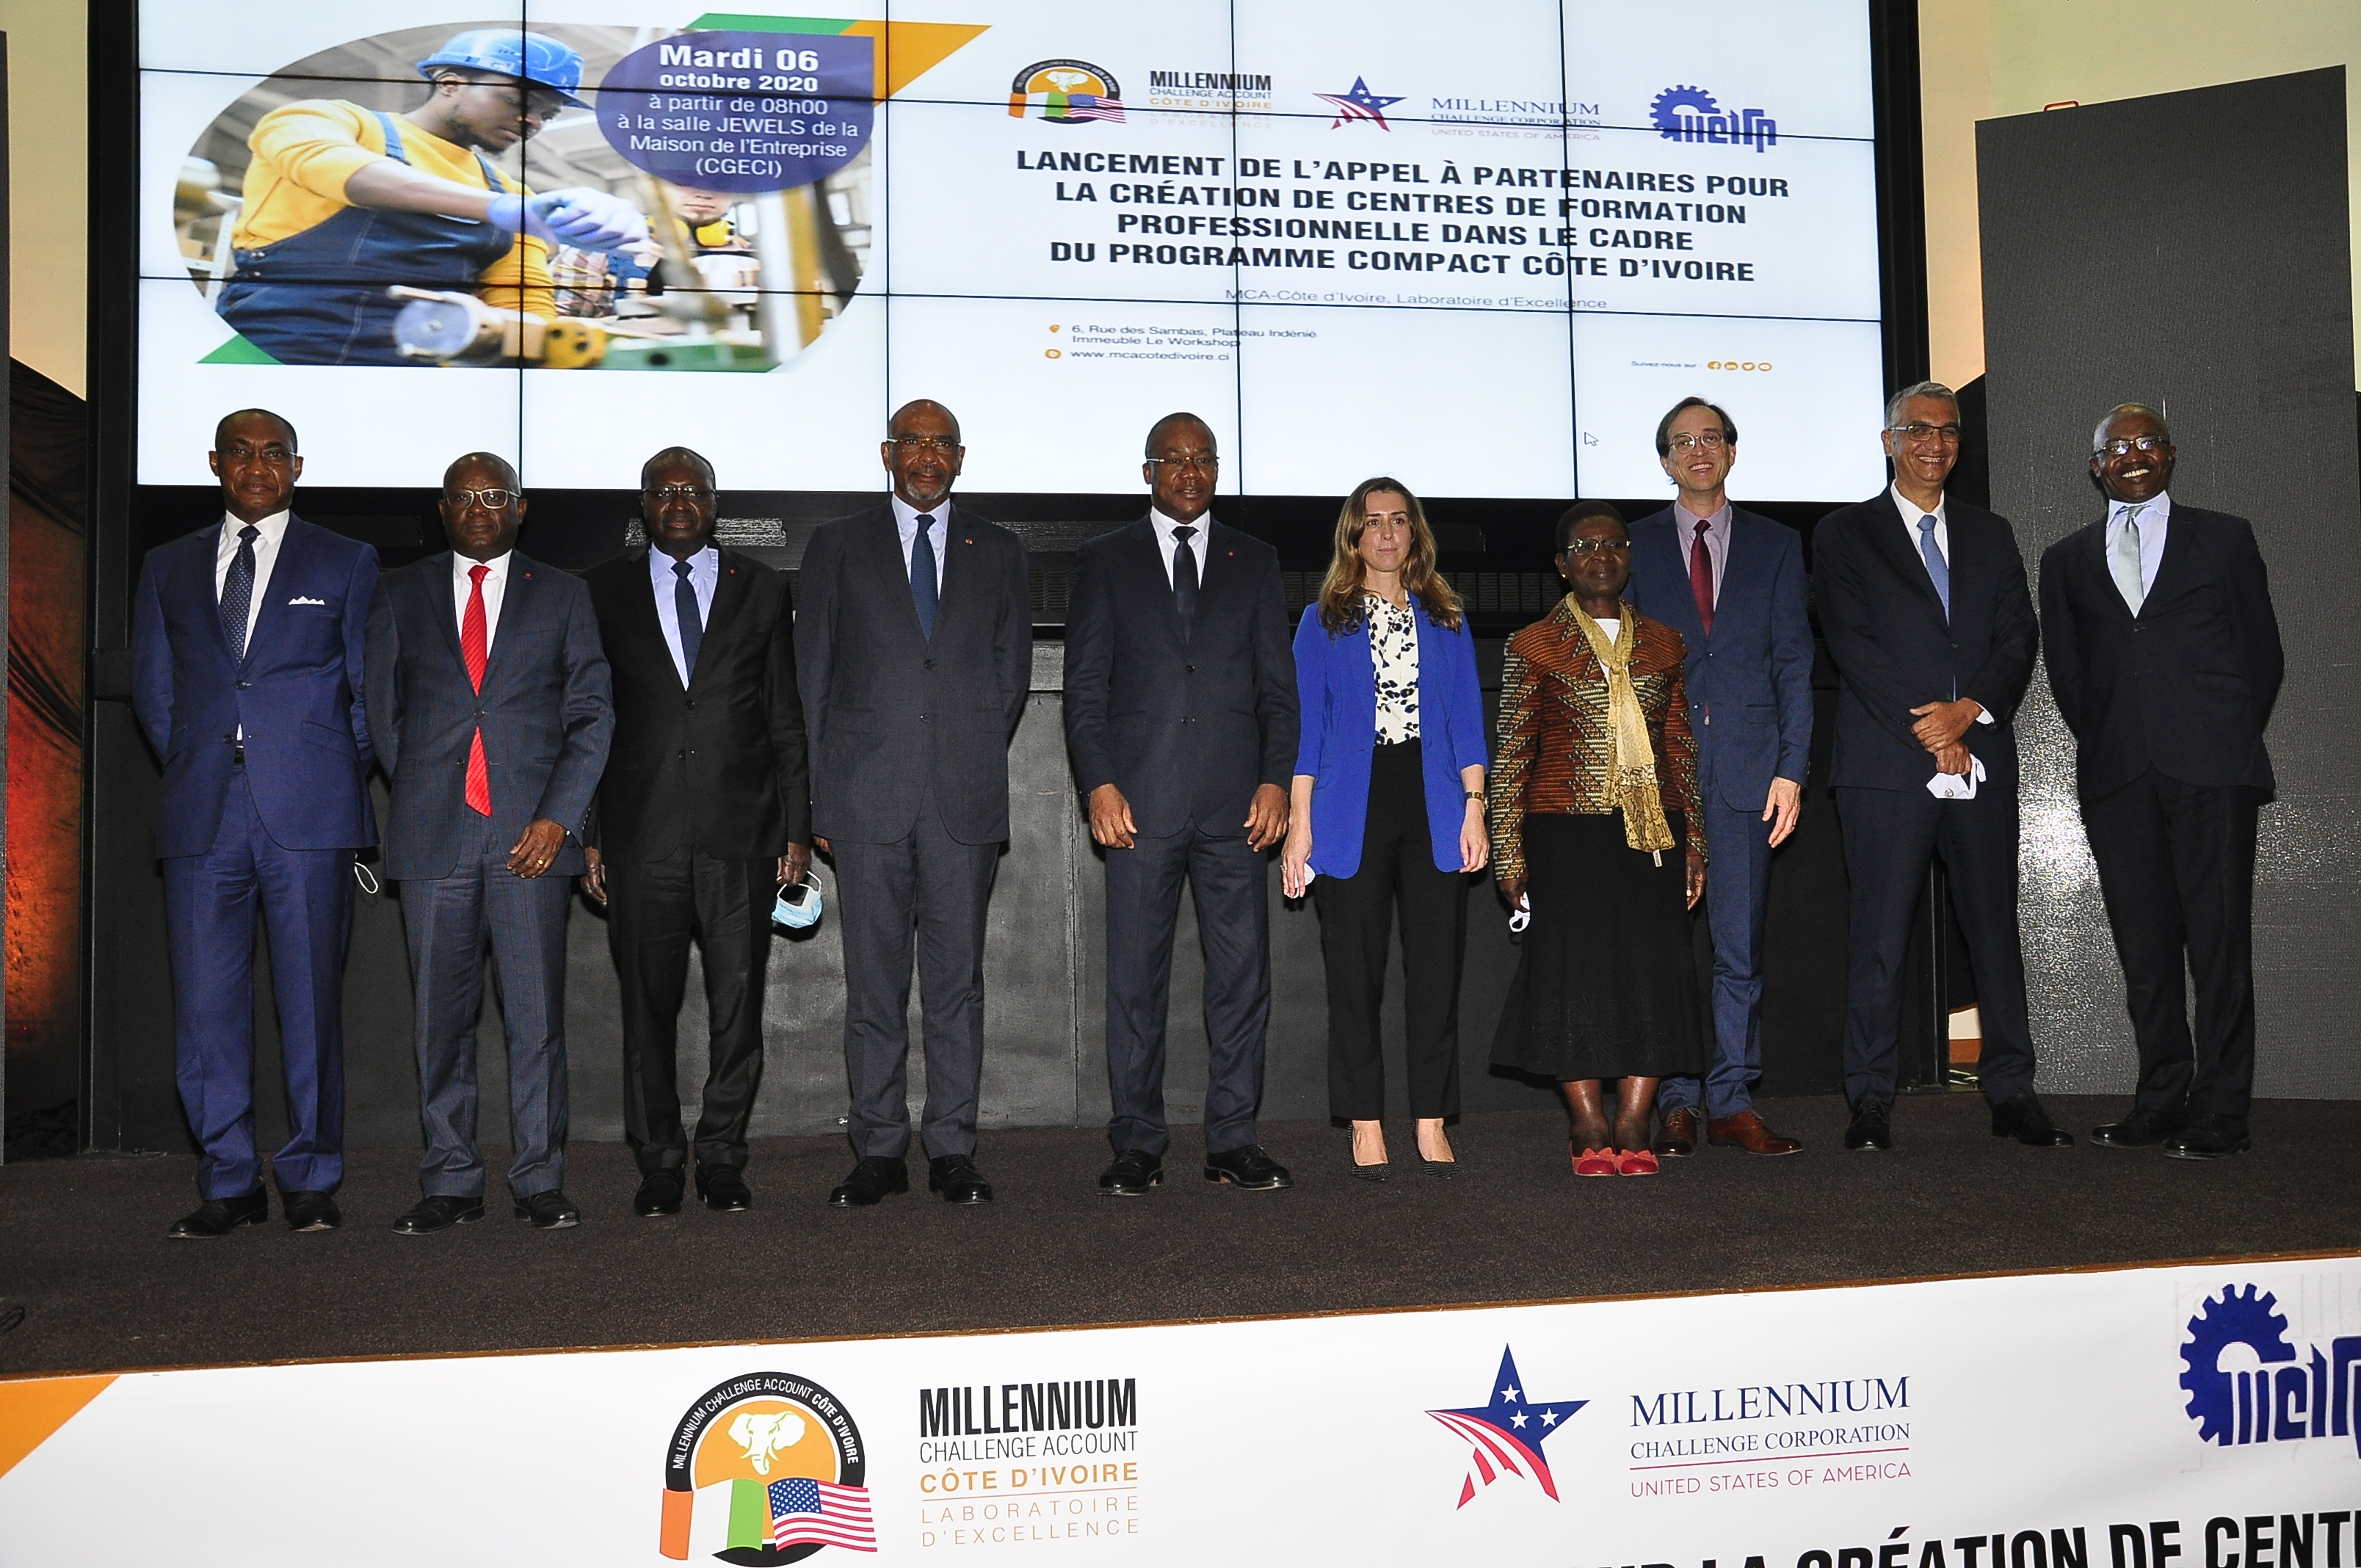 Millenium Challenge Account / La phase de présélection des partenaires privés pour la construction de 4 centres de Formation professionnelle d'un montant de 19 milliards FCFA lancée